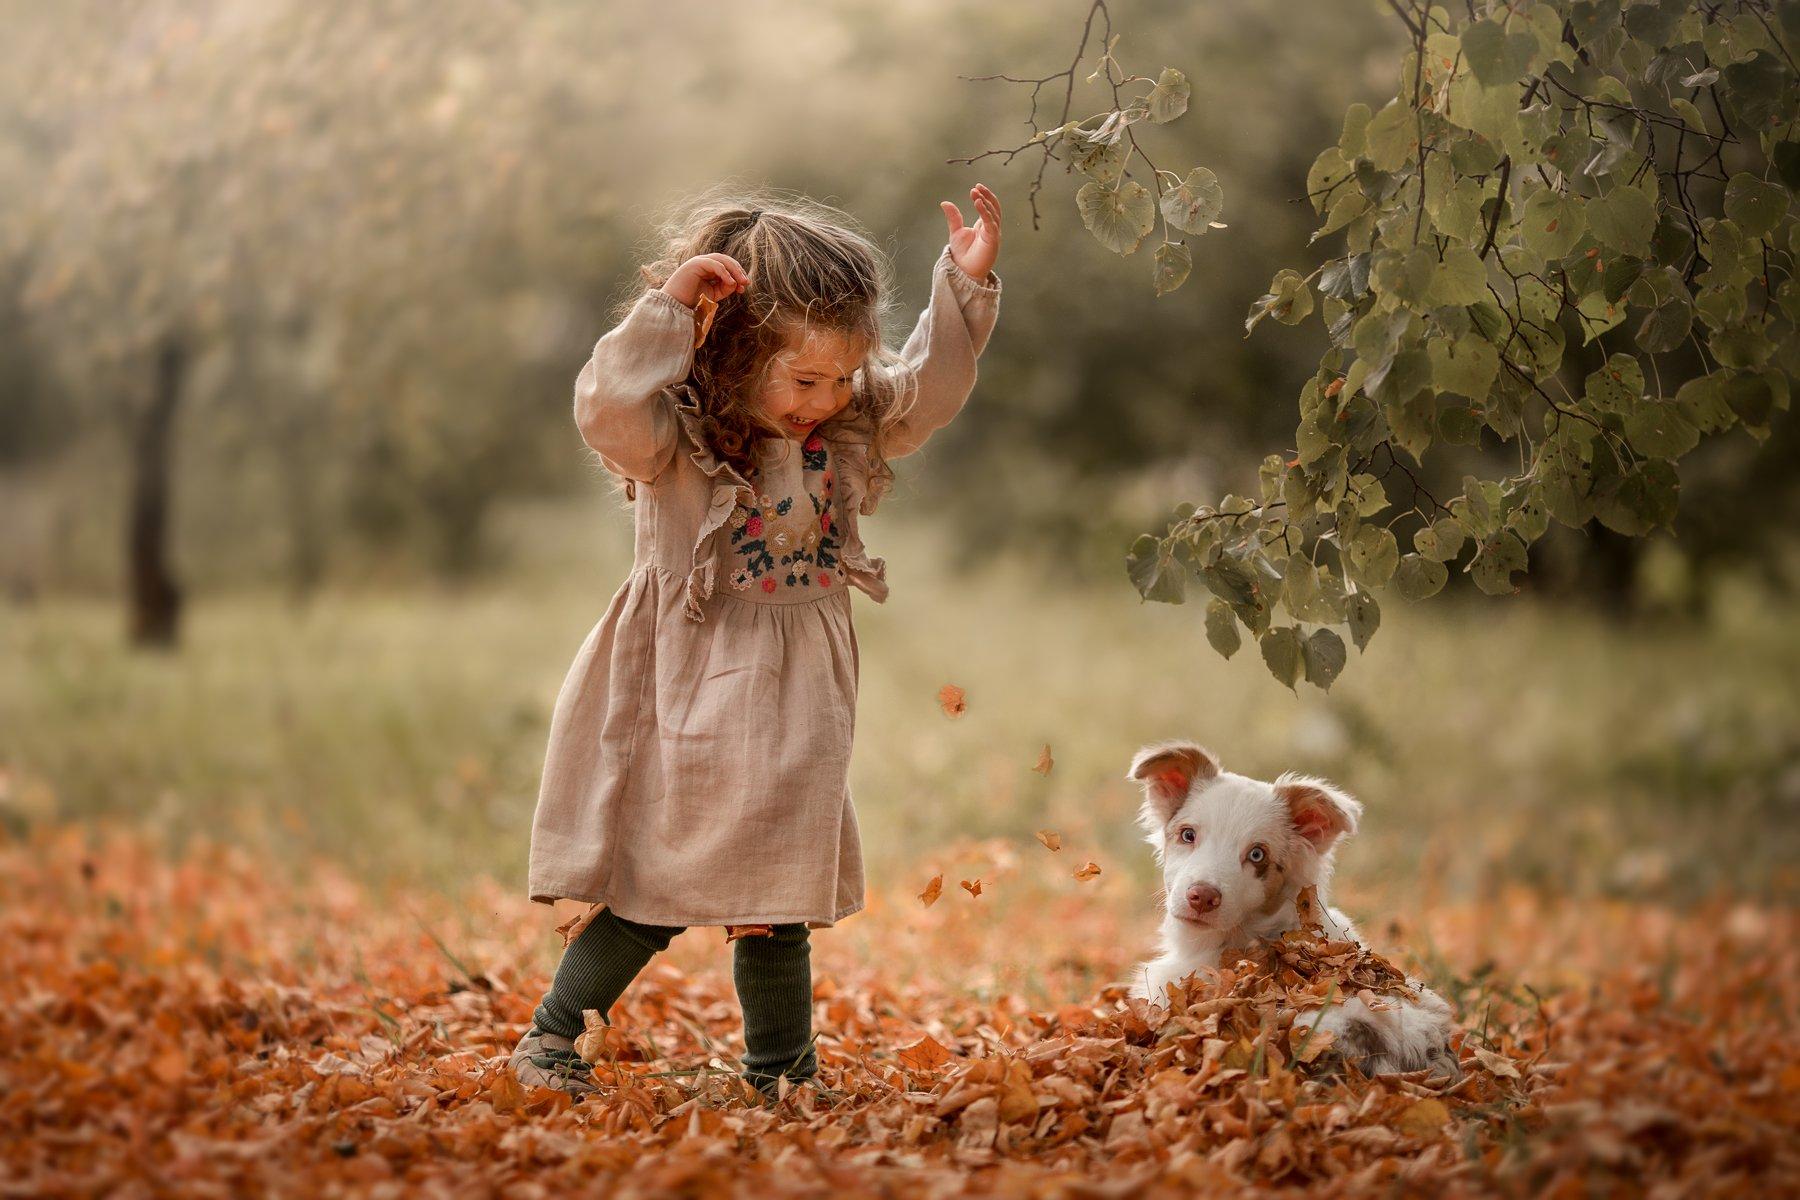 Девочка, улыбка, веселье, прогулка, собака, осень, листва, Khrapova Yulia